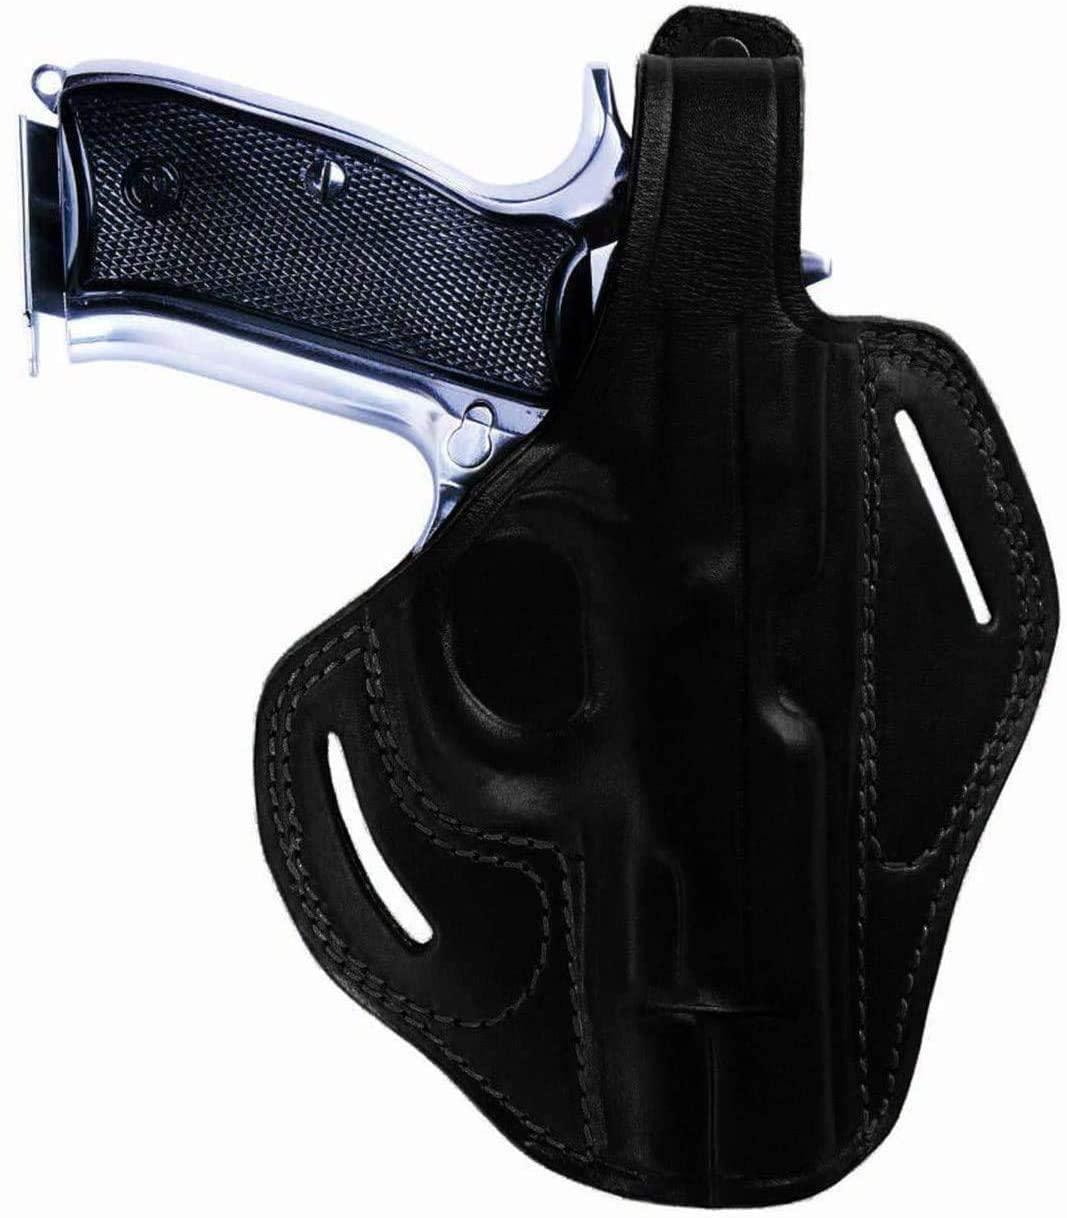 KoHolster Concealed Carry|Leather |OWB| Belt Gun Holster